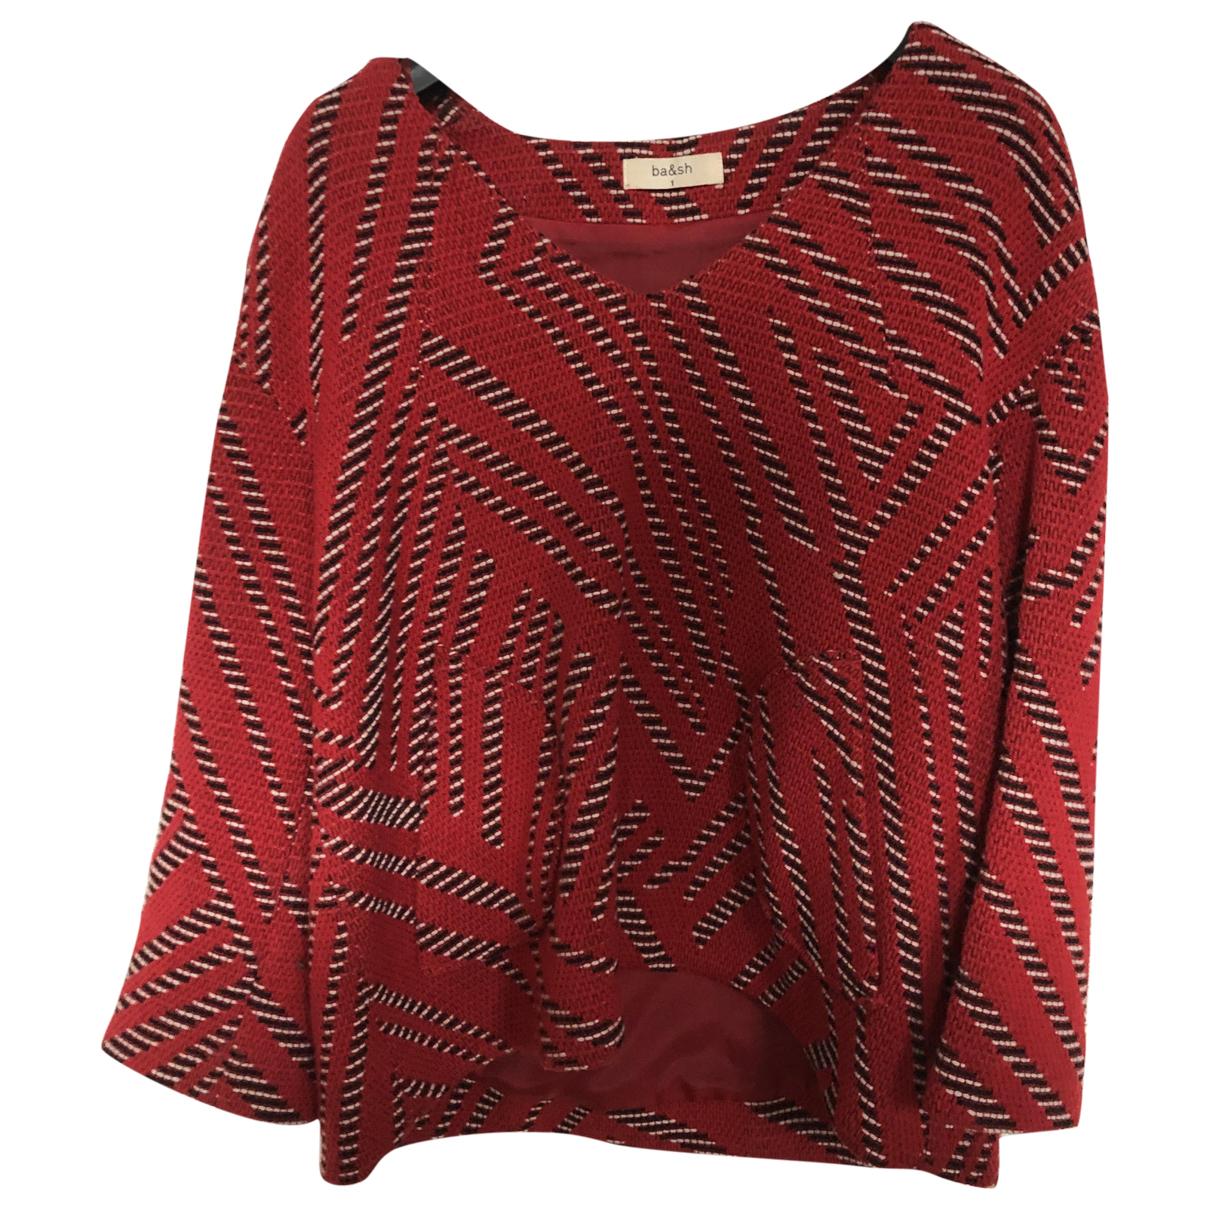 Ba&sh - Top   pour femme en laine - rouge